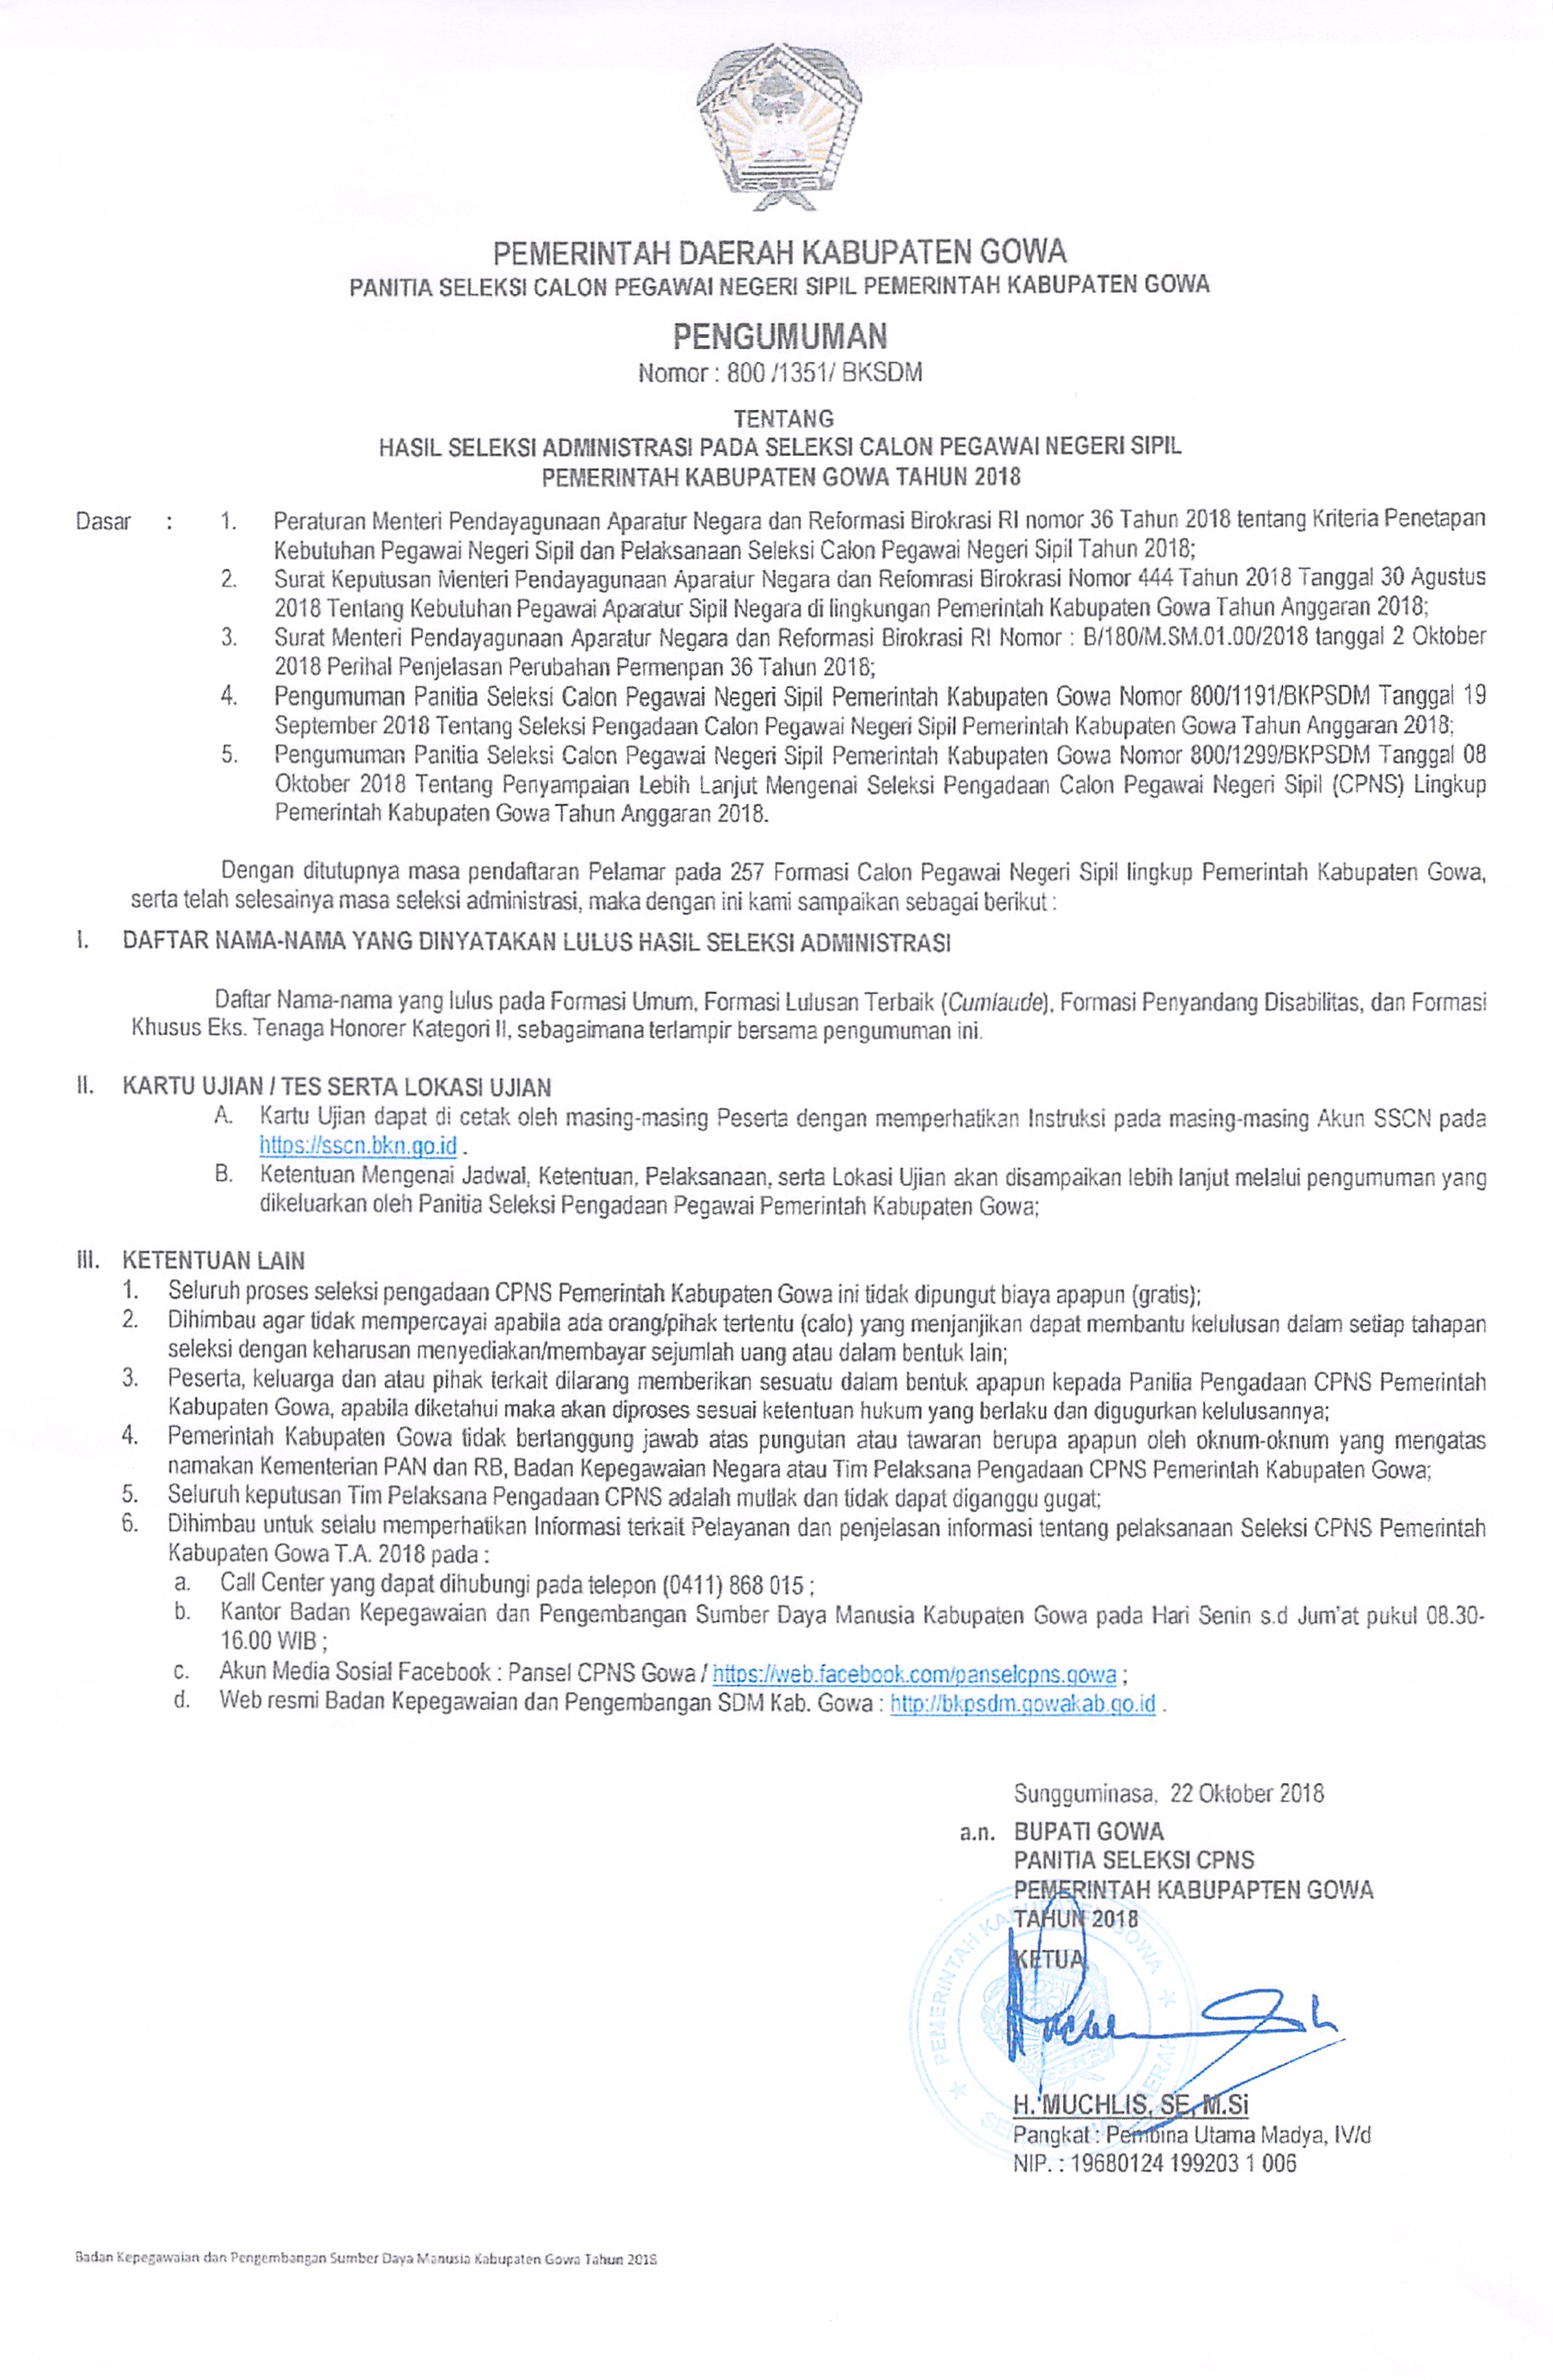 Daftar Kepegawaian Tahun 2016 Dpkd Kabupaten Gowa Wiring Library Snapper 30085 Ignition Harness Pengumuman Hasil Seleksi Administrasi Pada Cpns Pemkab 2018